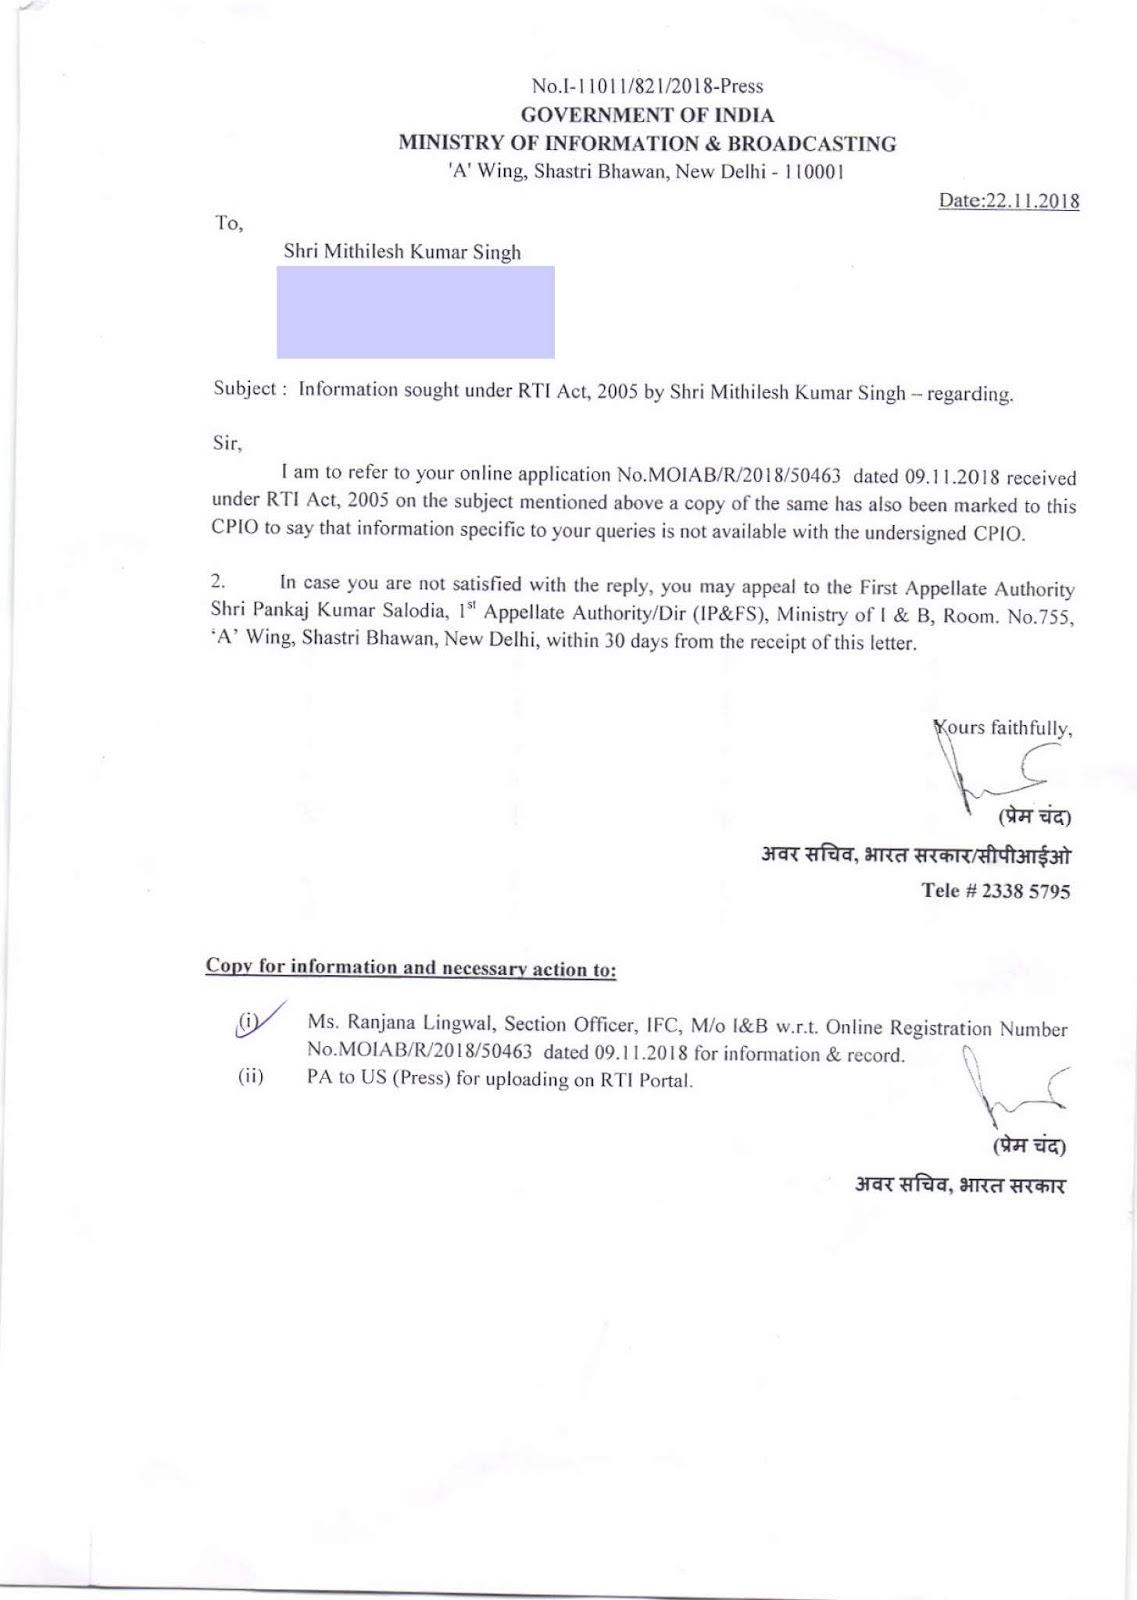 जब न्यूज-पोर्टल रजिस्ट्रेशन के सम्बन्ध में मिथिलेश ने 'सूचना-प्रसारण मंत्रालय' में RTI डाली...!! देखिये, प्रश्न और उसके उत्तर...